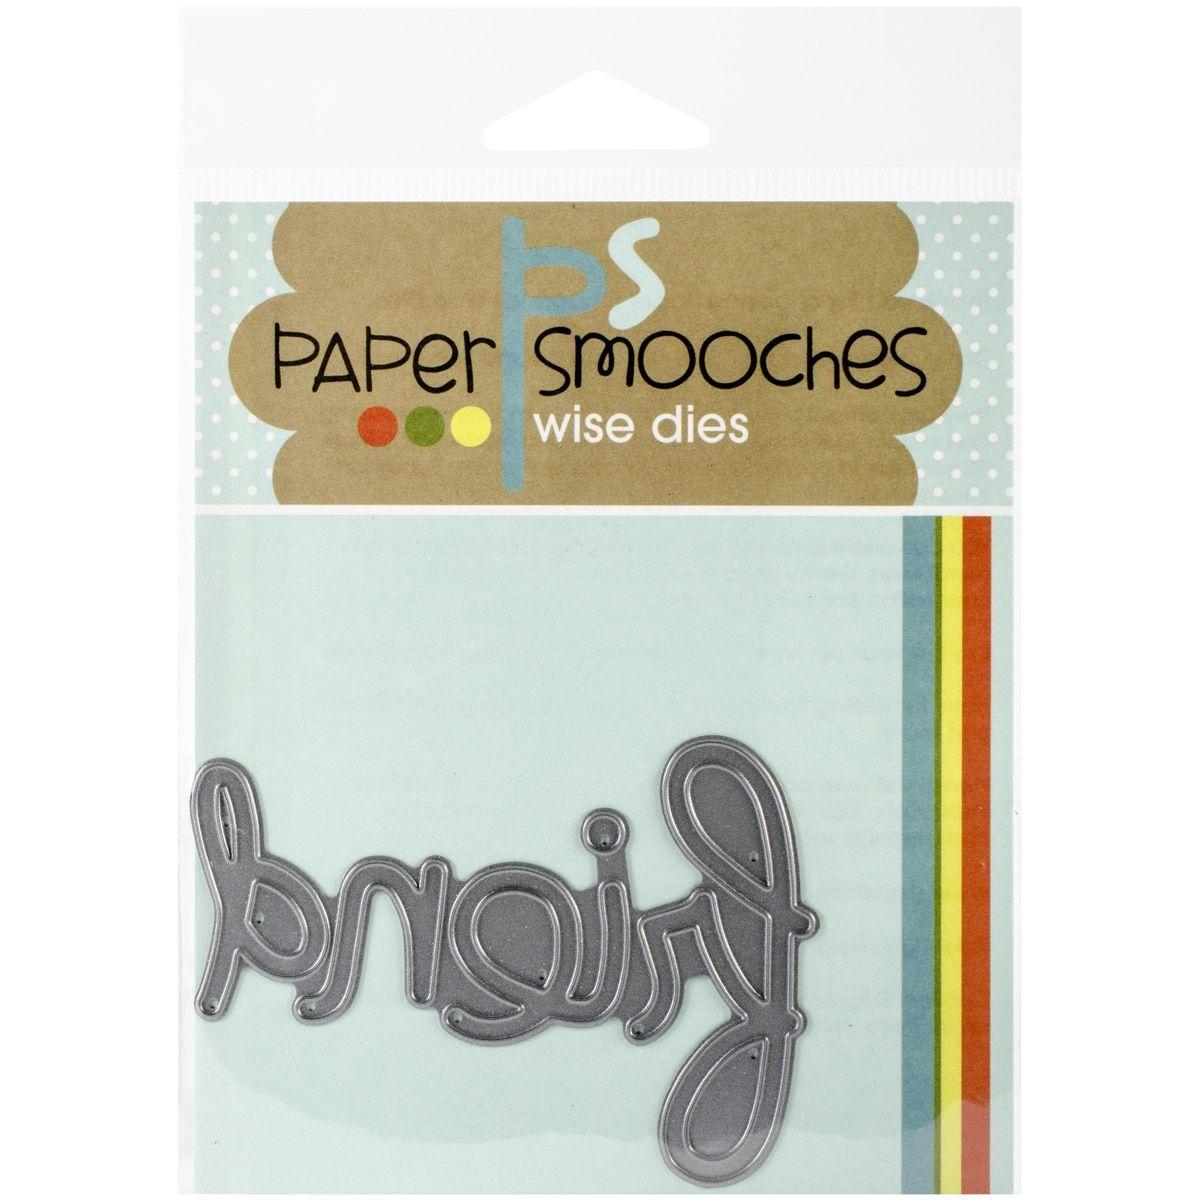 Paper Smooches Die-Big Friend Word